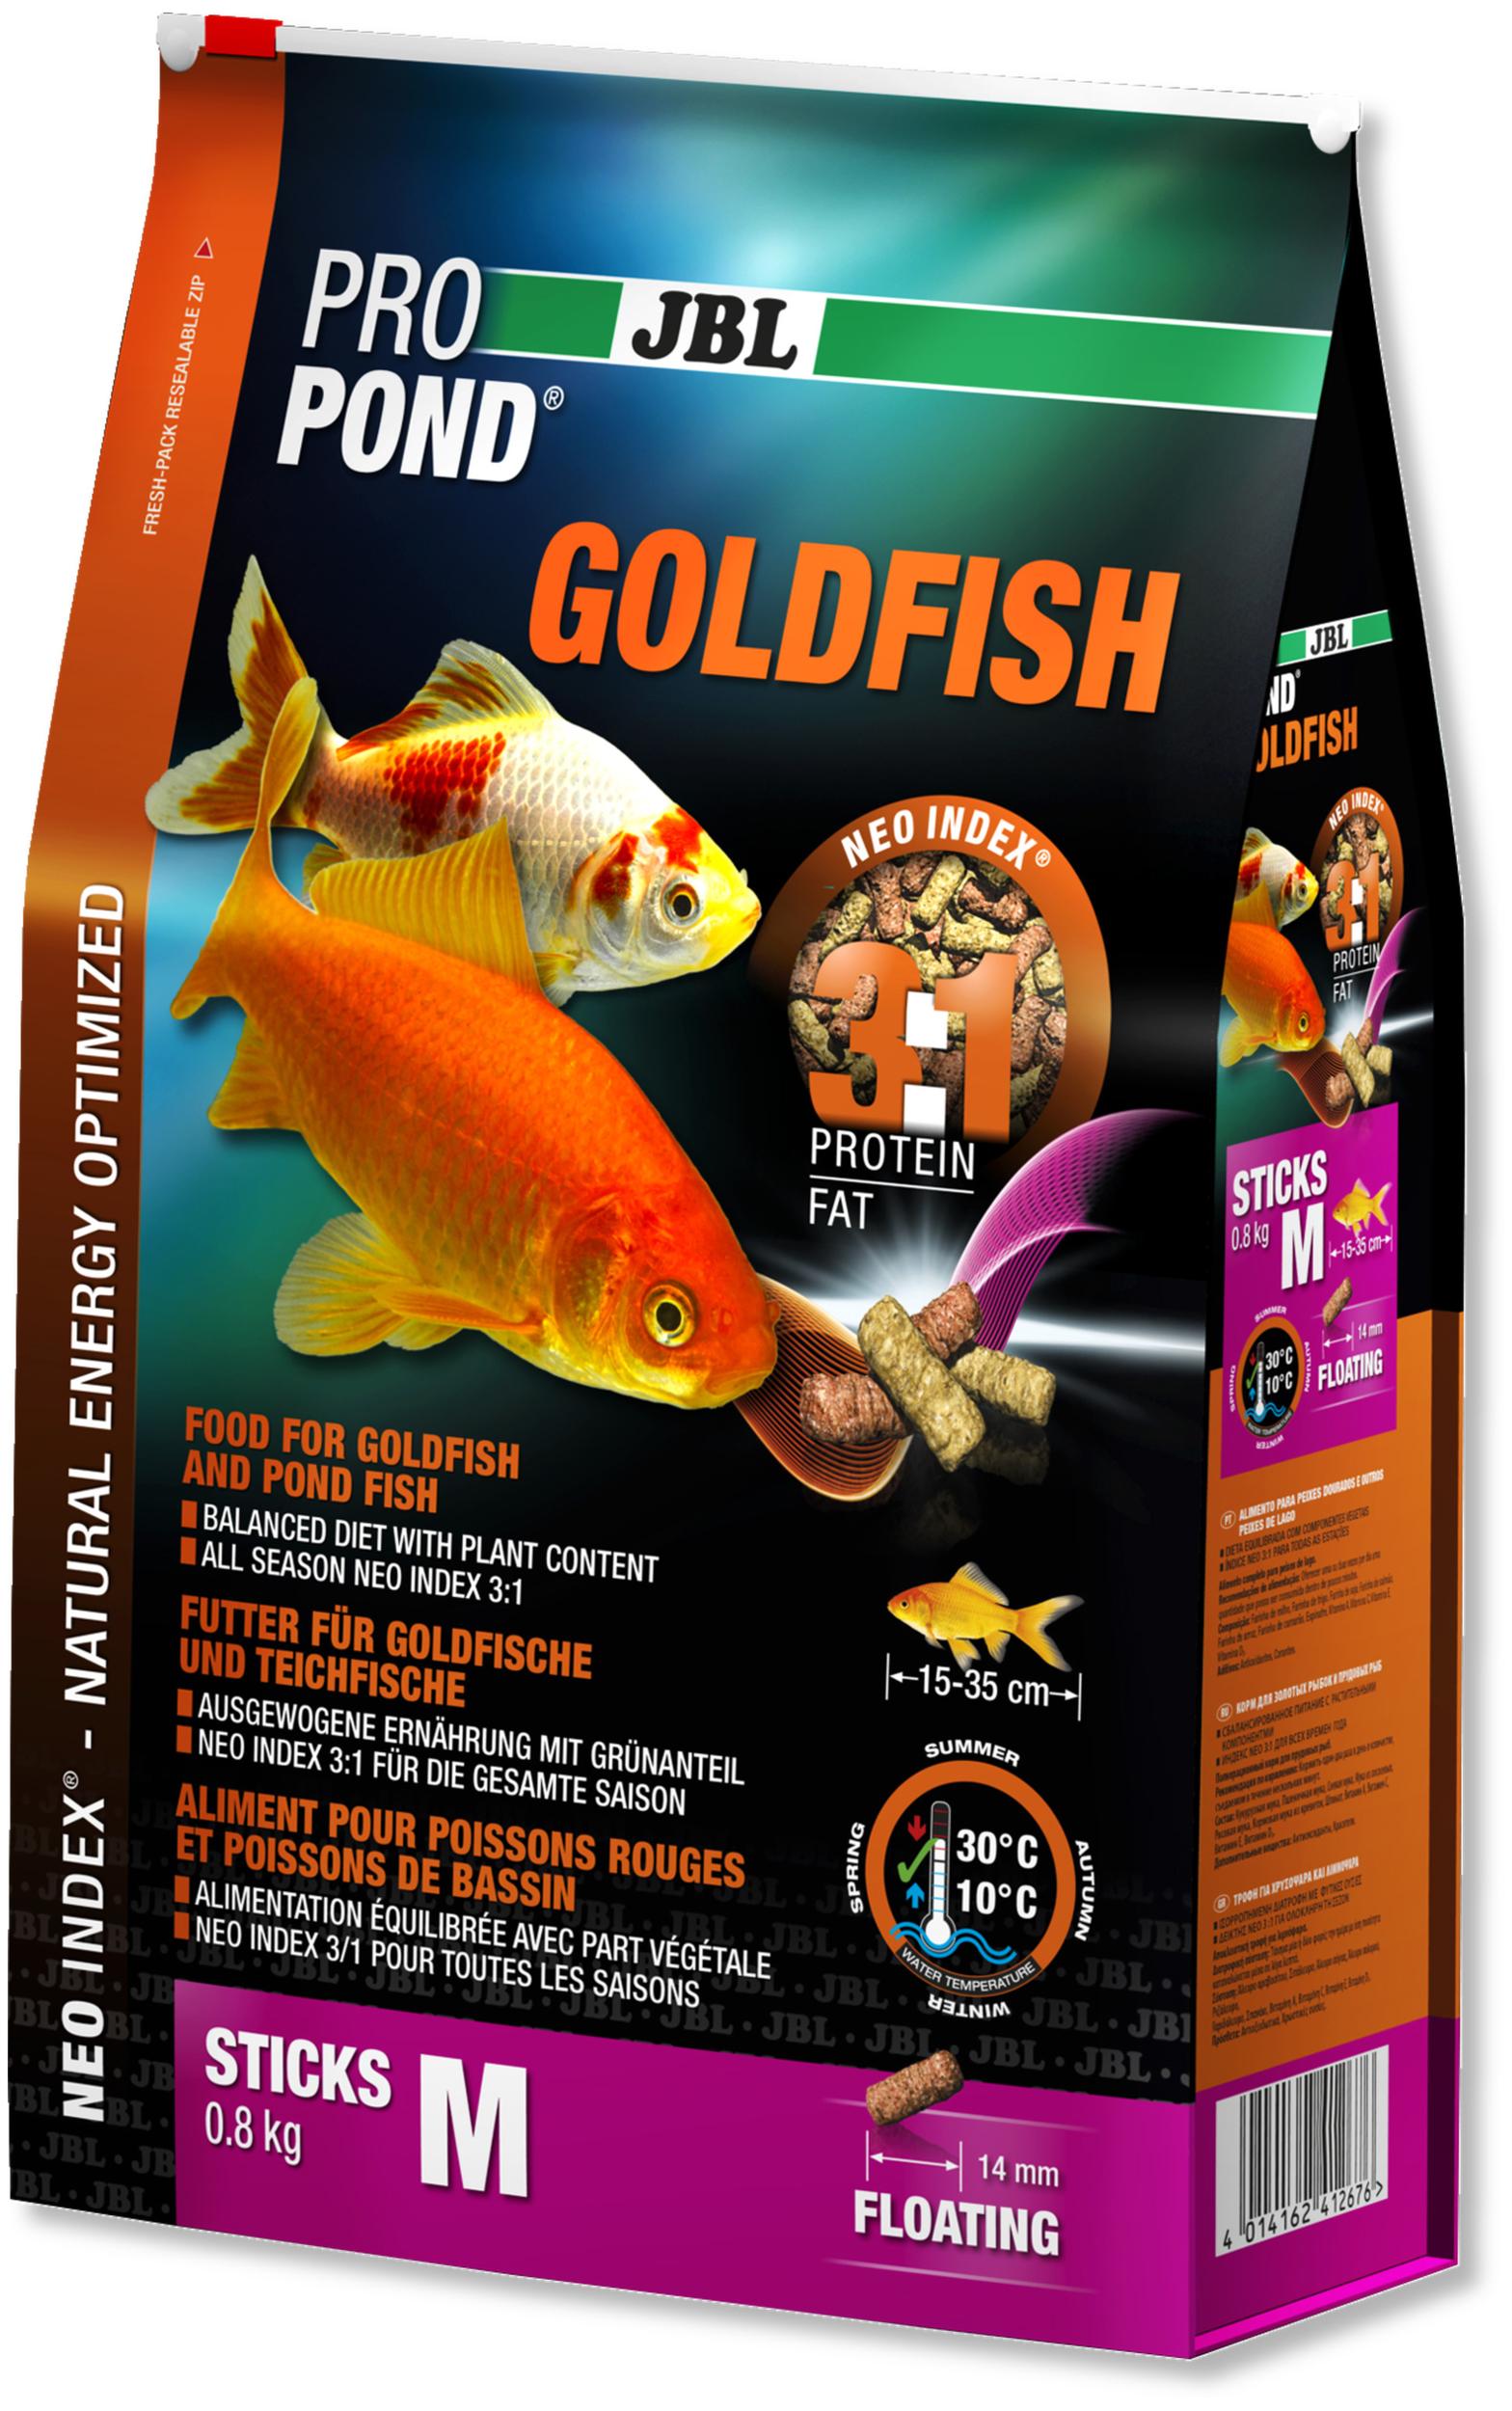 JBL ProPond Goldfish M 0,8 Kg nourriture en bâtonnets pour poissons rouges de 15 à 35 cm